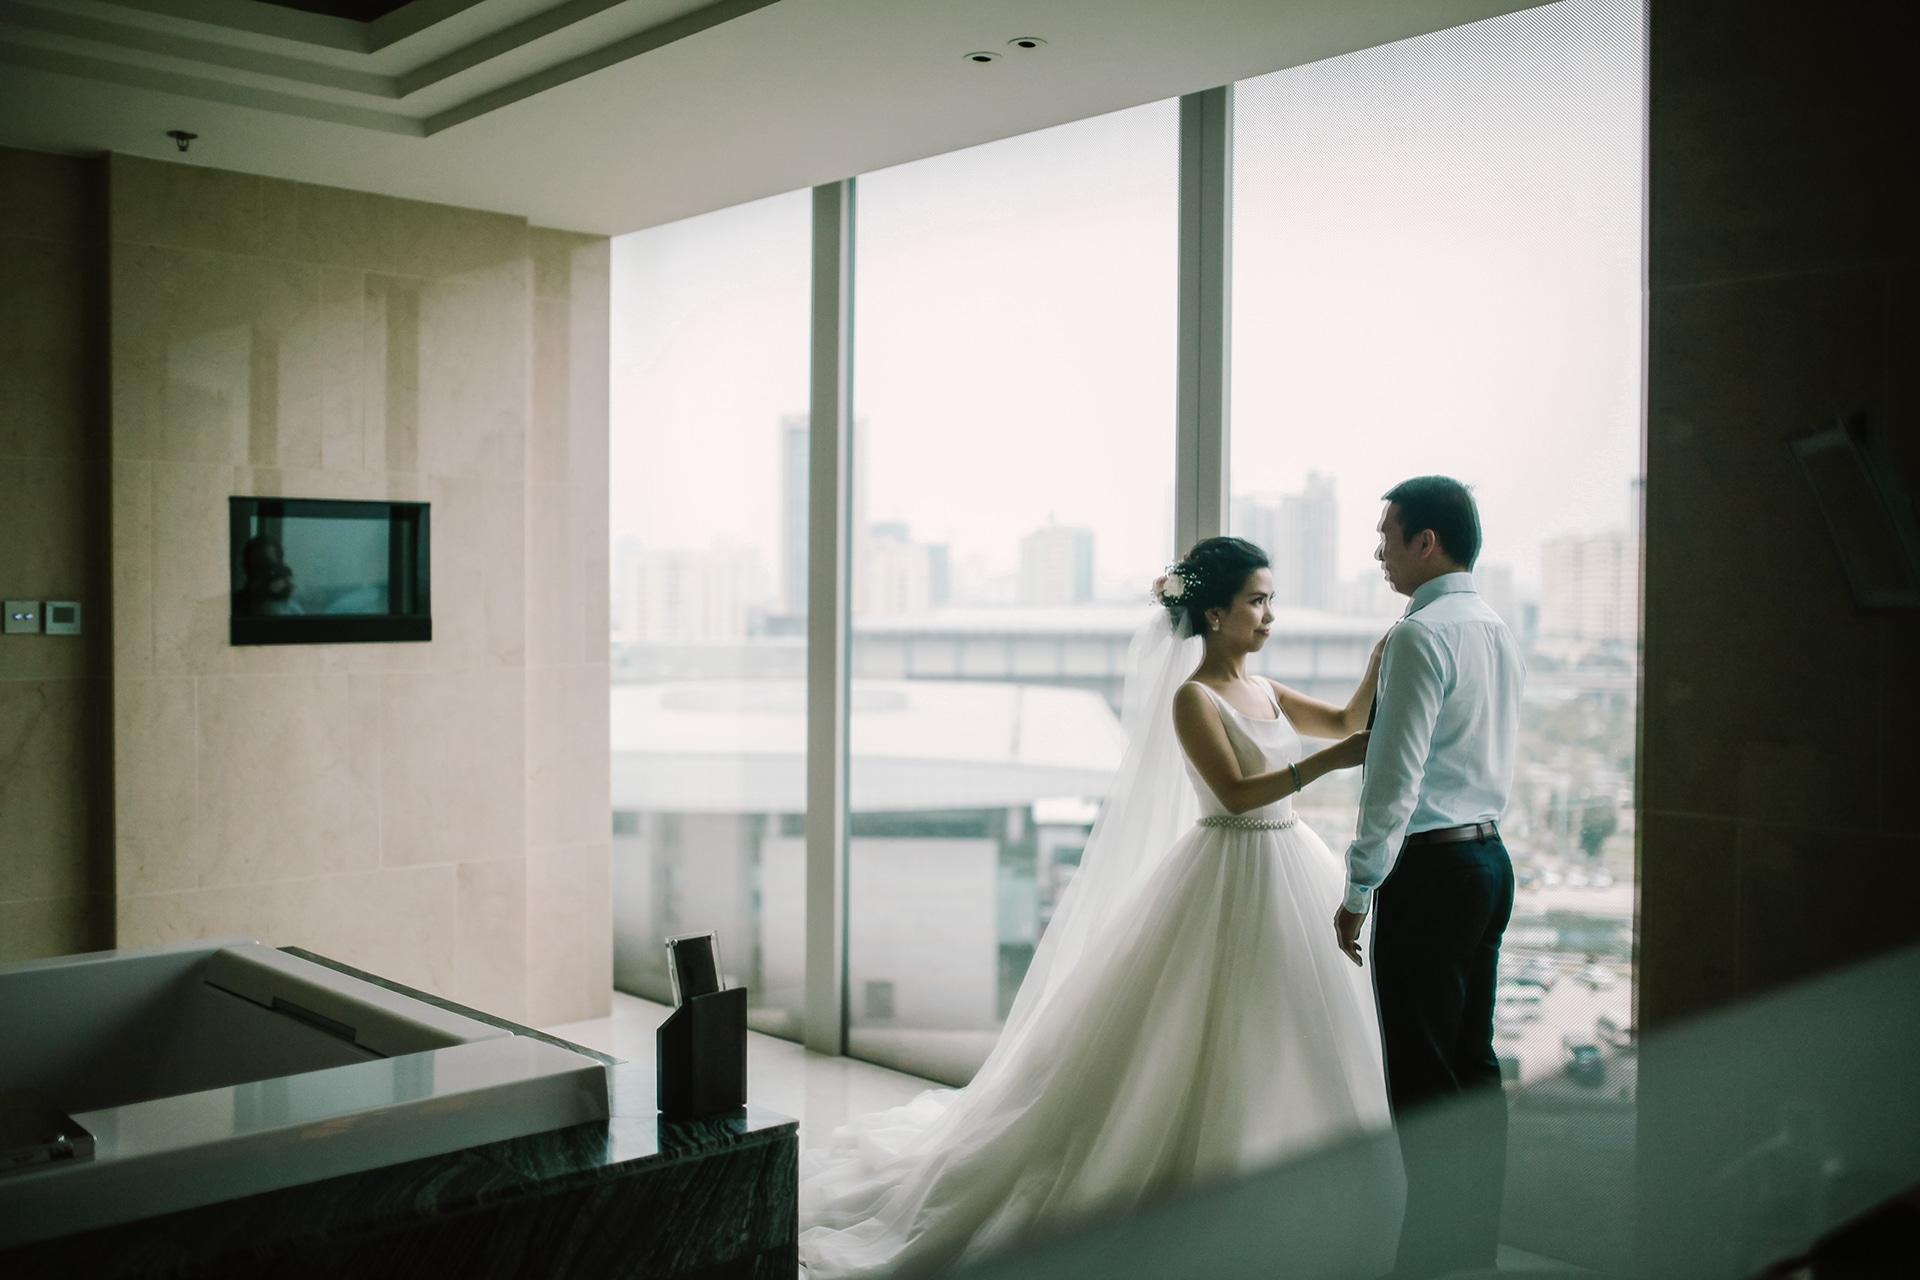 Ảnh phóng sự cưới ghi lại những khoảnh khắc trước buổi lễ